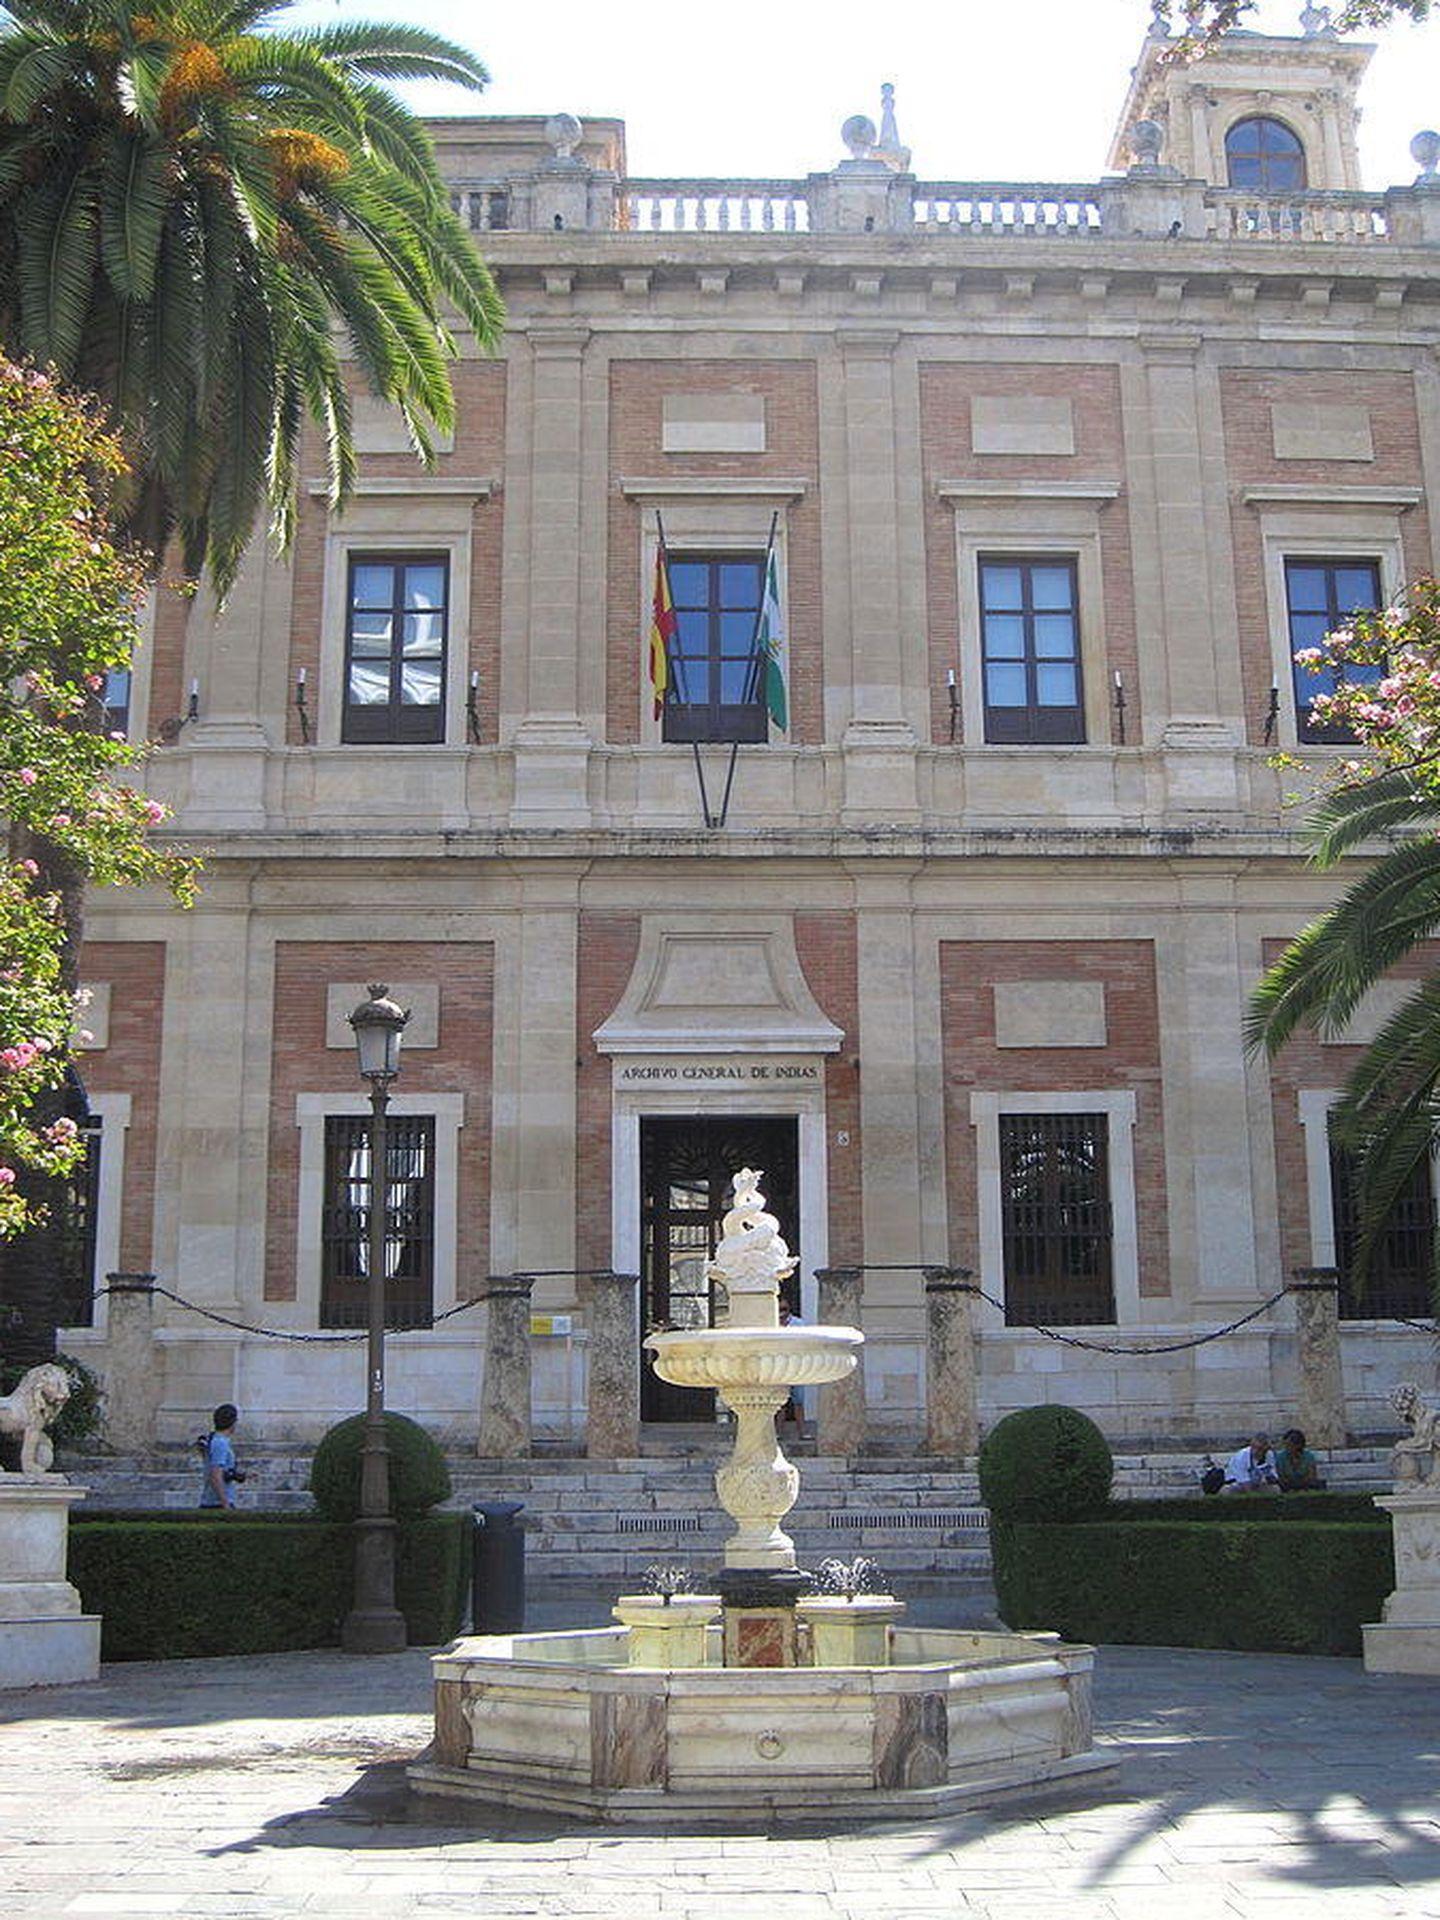 Fachada del Archivo General de Indias de Sevilla. (CC/Roberto Chamoso G)